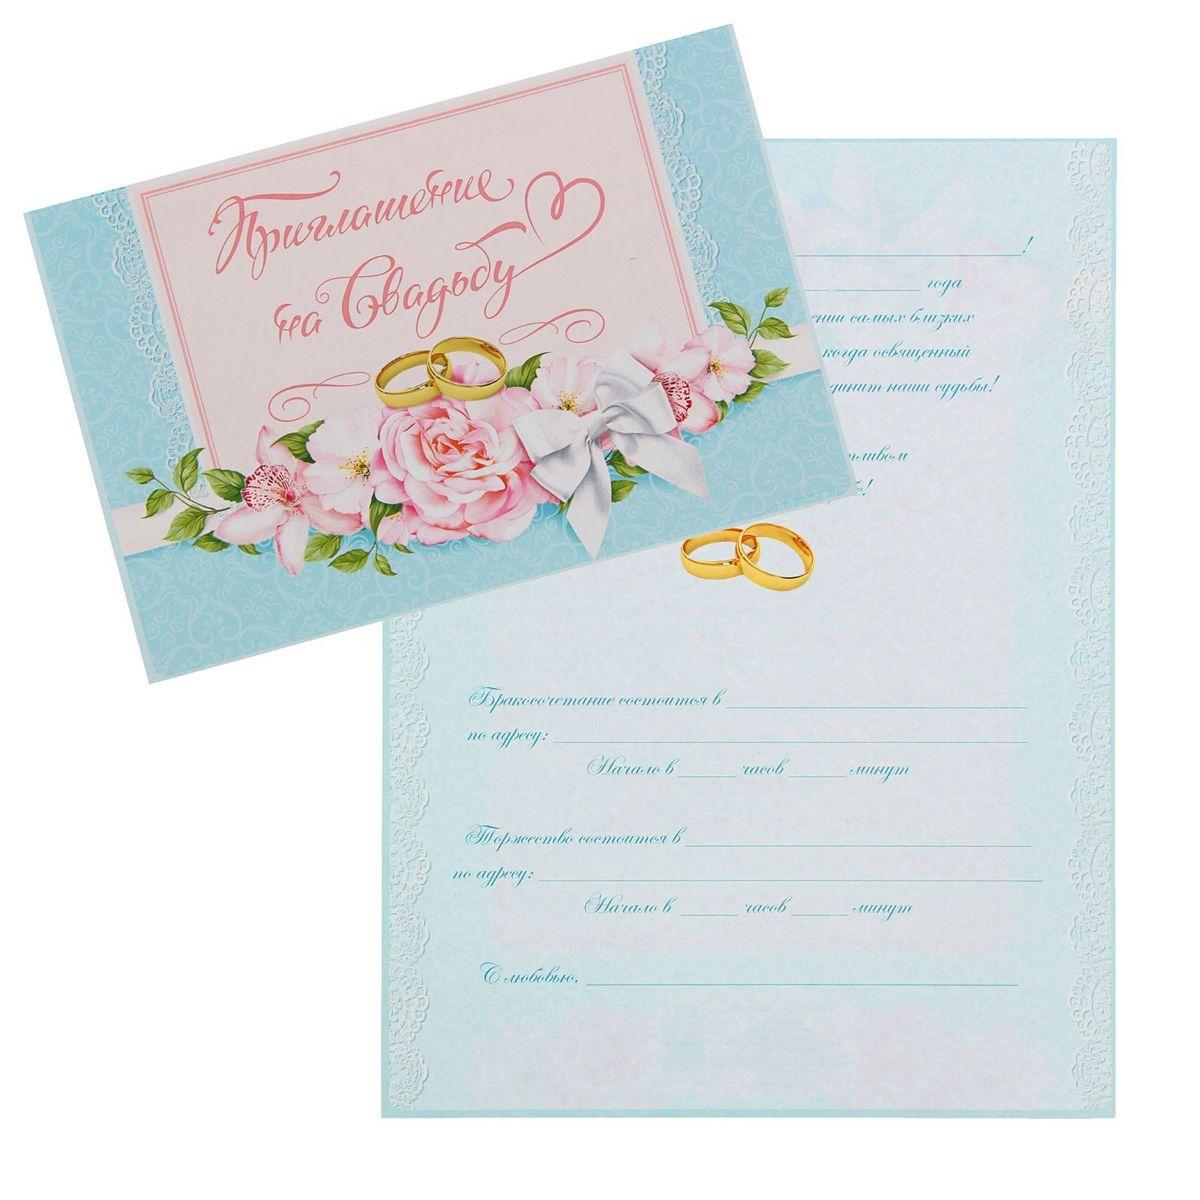 Sima-land Приглашение на свадьбу Тиффани, 18х12см.1333778Свадьба — одно из главных событий в жизни каждого человека. Для идеального торжества необходимо продумать каждую мелочь. Родным и близким будет приятно получить индивидуальную красивую открытку с эксклюзивным дизайном.